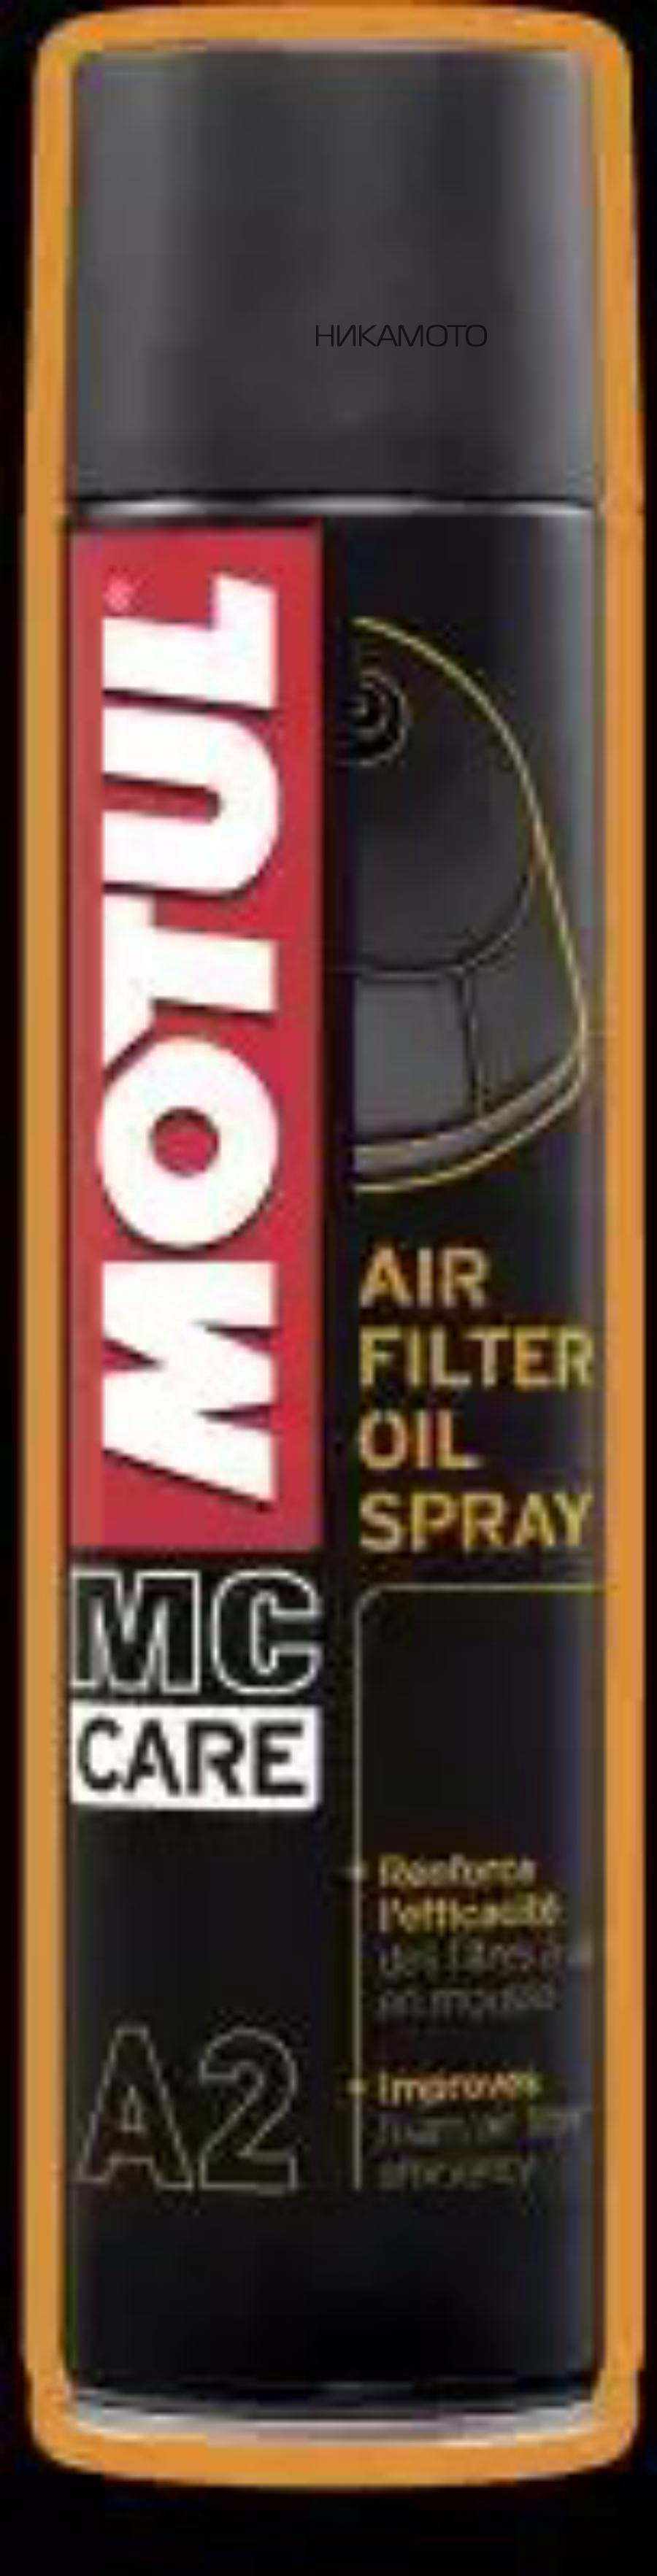 MOTUL    102986 Пропитка для поролонового воздушного фильтра А2 Air Filter Oil / 0,4L/ аэрозоль